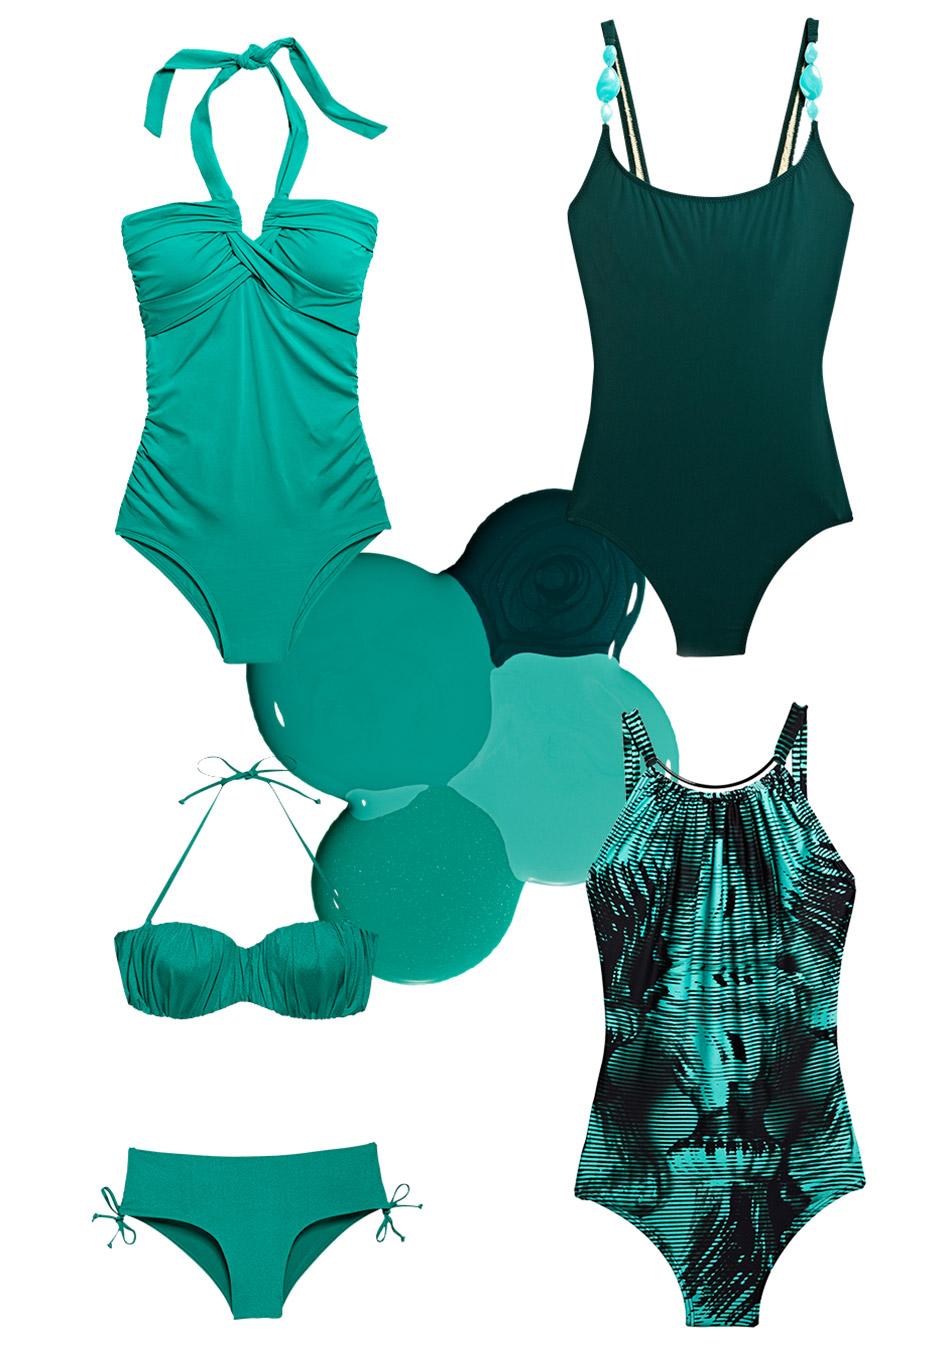 модные купальники лето 2014: зеленые тона с мосркими оттенками